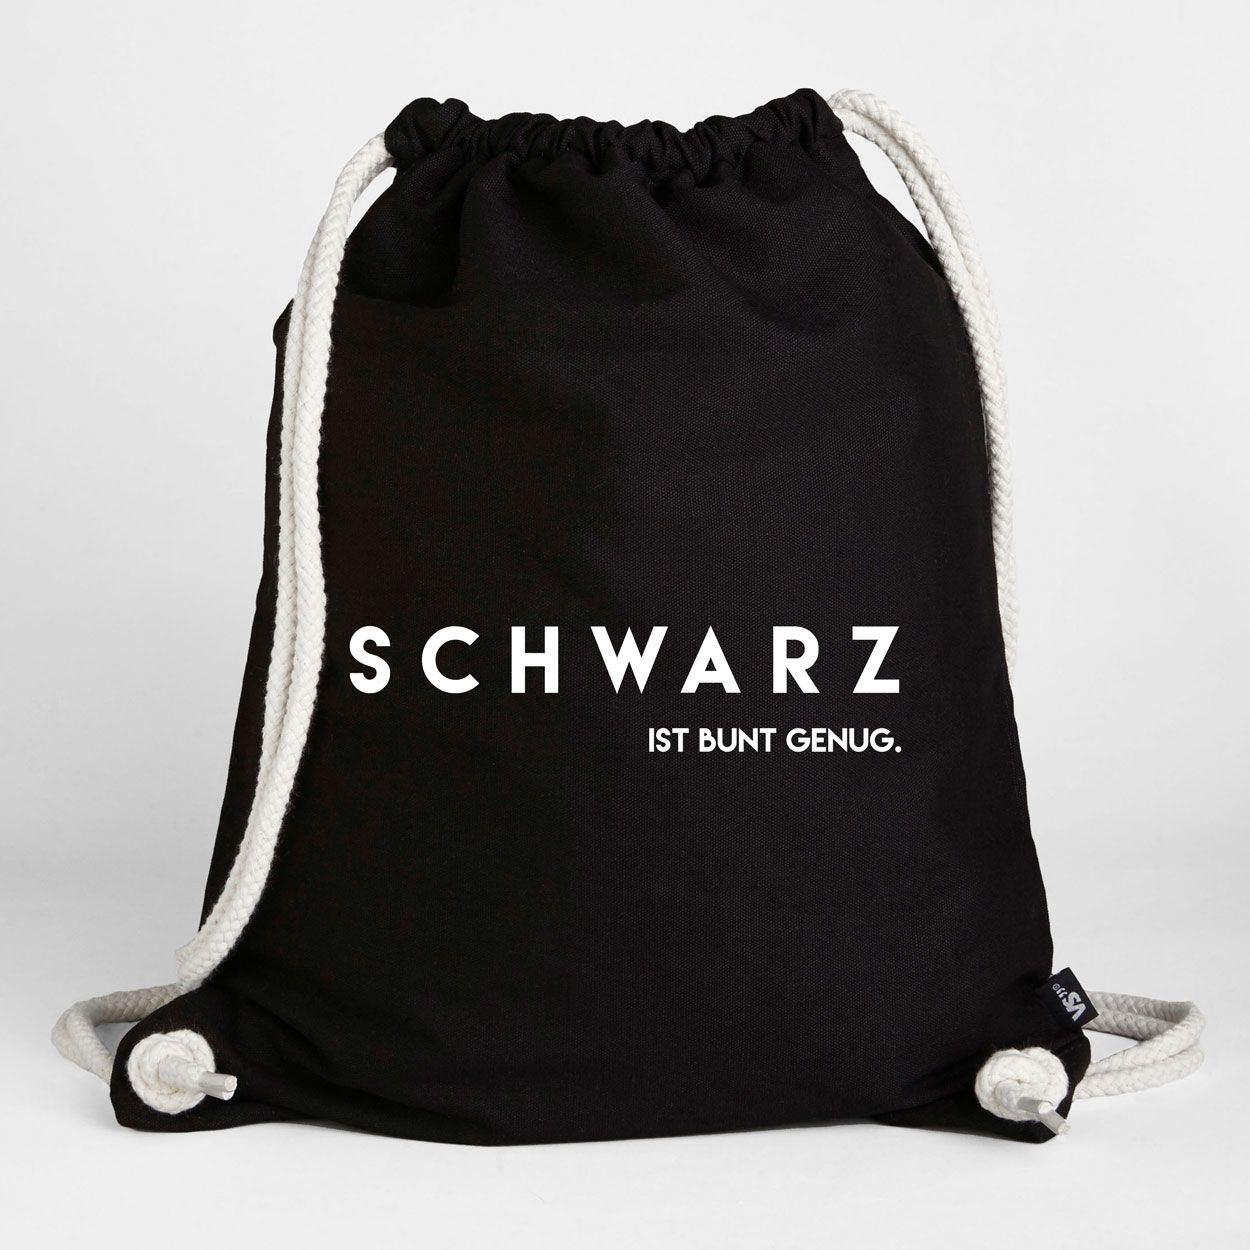 Schwarz ist bunt genug - Turnbeutel   Turnbeutel   Taschen   Accessoires    VISUAL STATEMENTS® 52faa71130